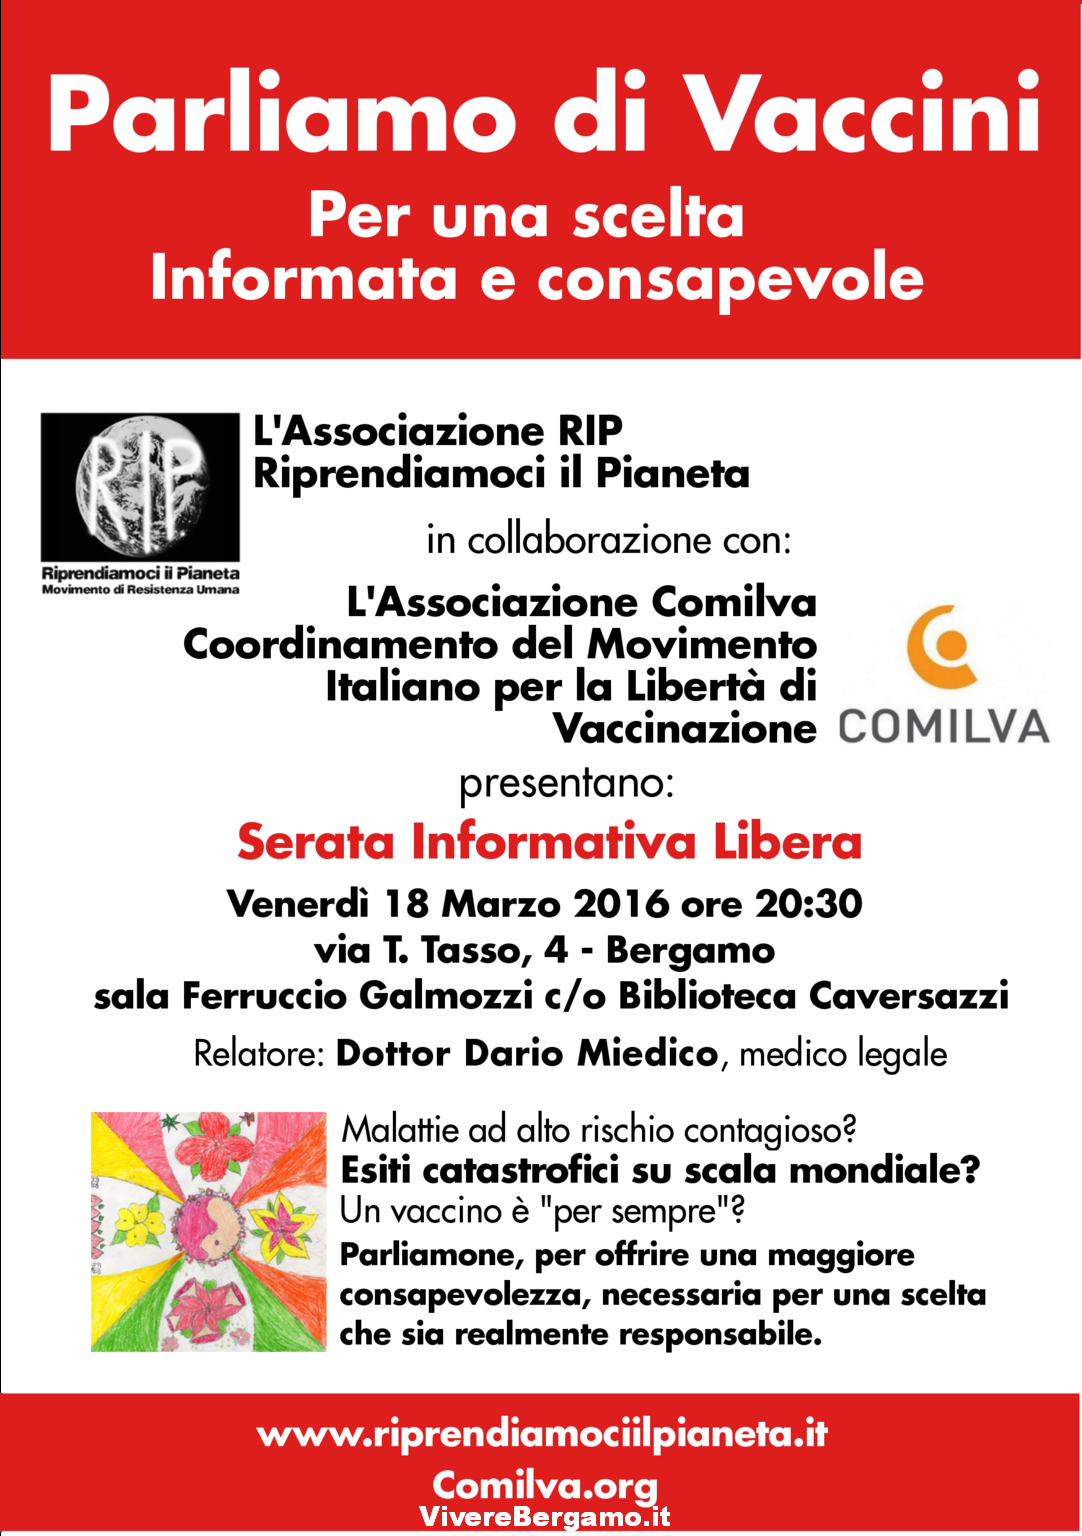 Vaccini_Bergamo_Fronte